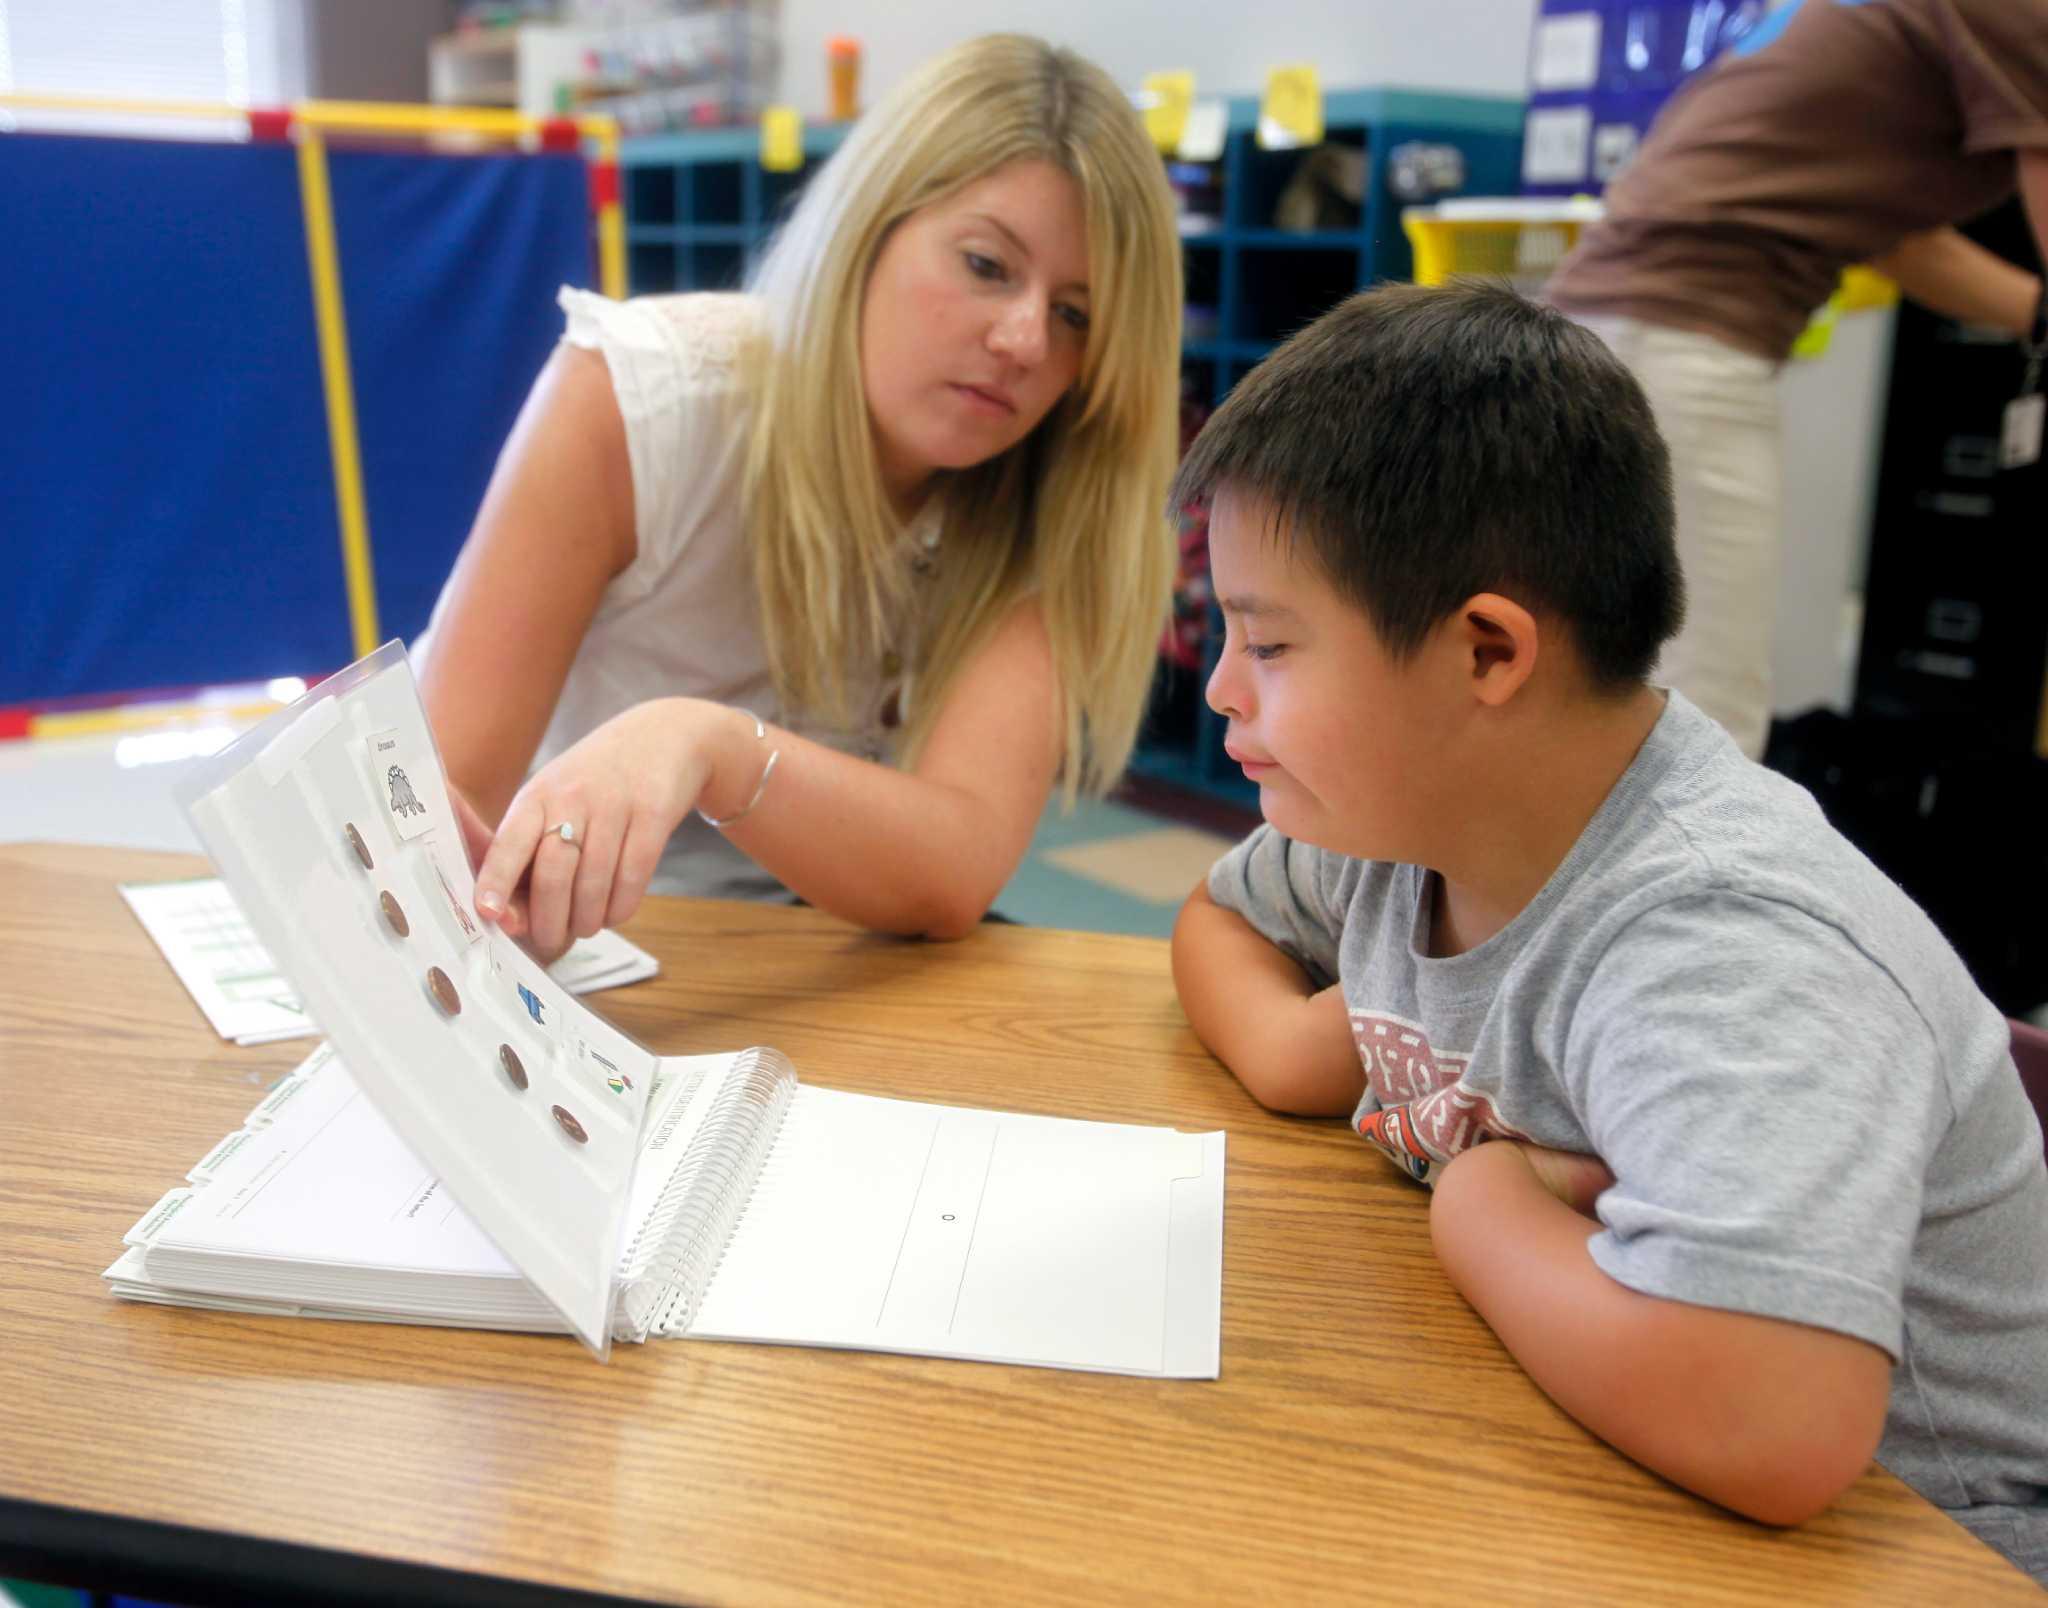 NEISD to pilot Down syndrome reading program - San Antonio